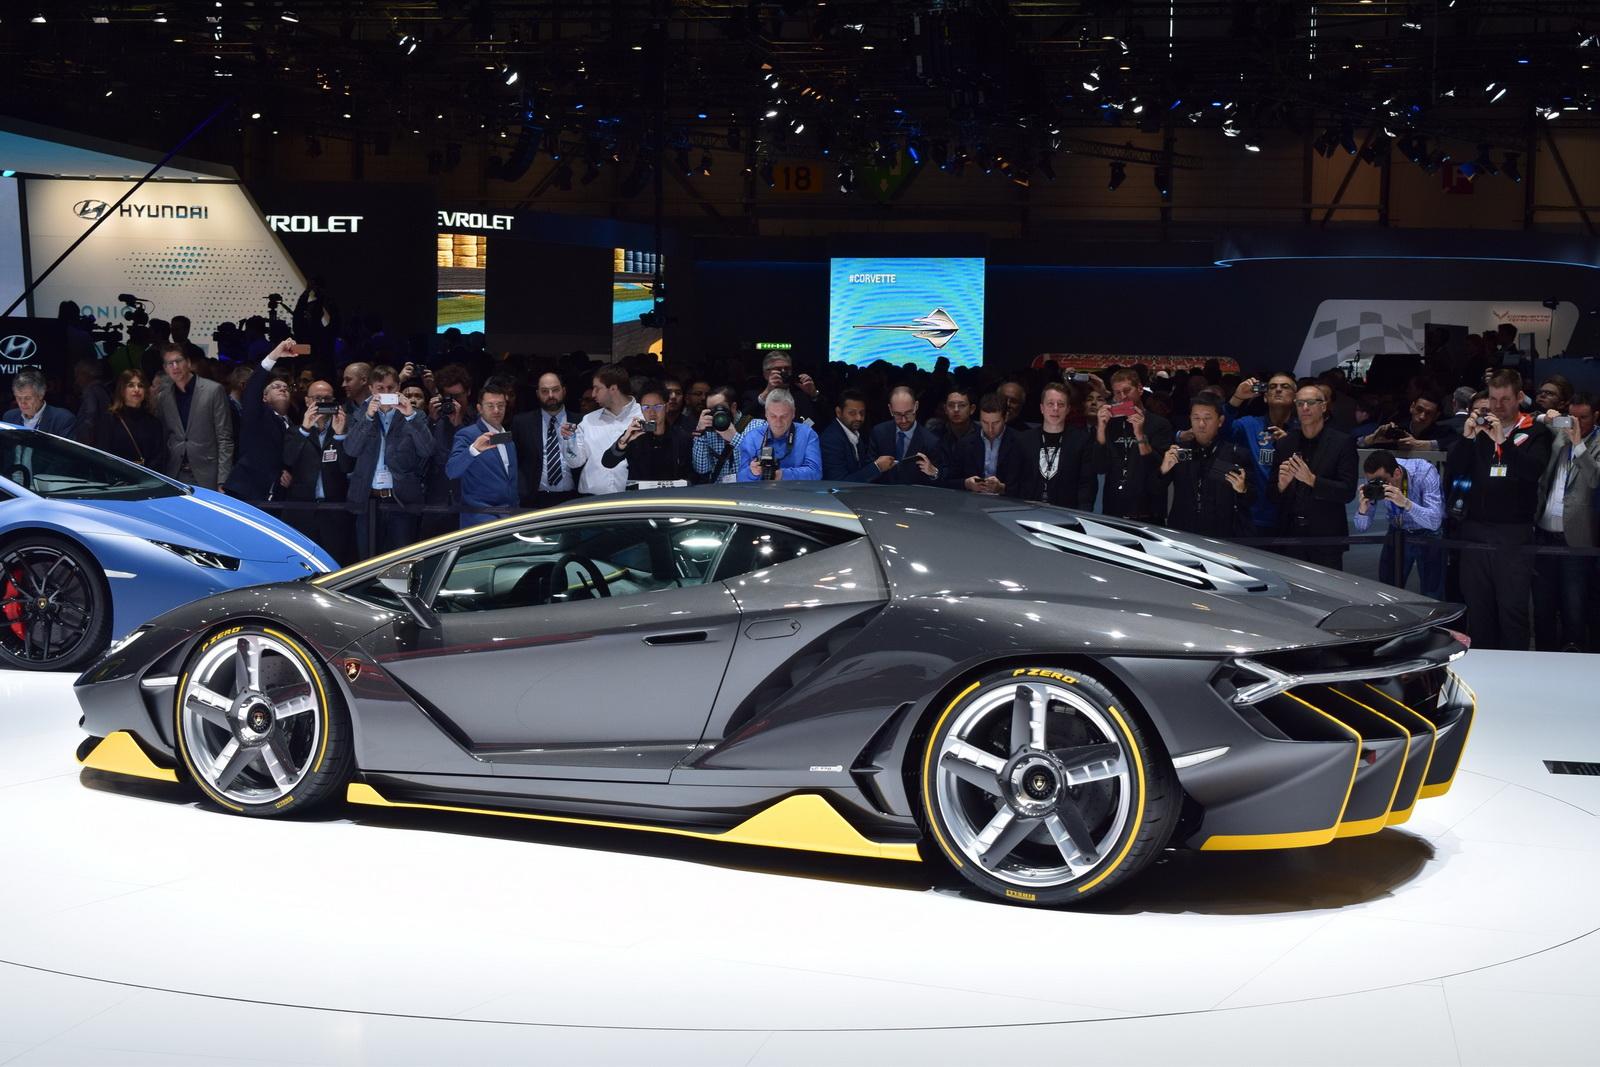 Centenario 2017 được thiết kế theo nguyên lý khí động học hoàn hảo